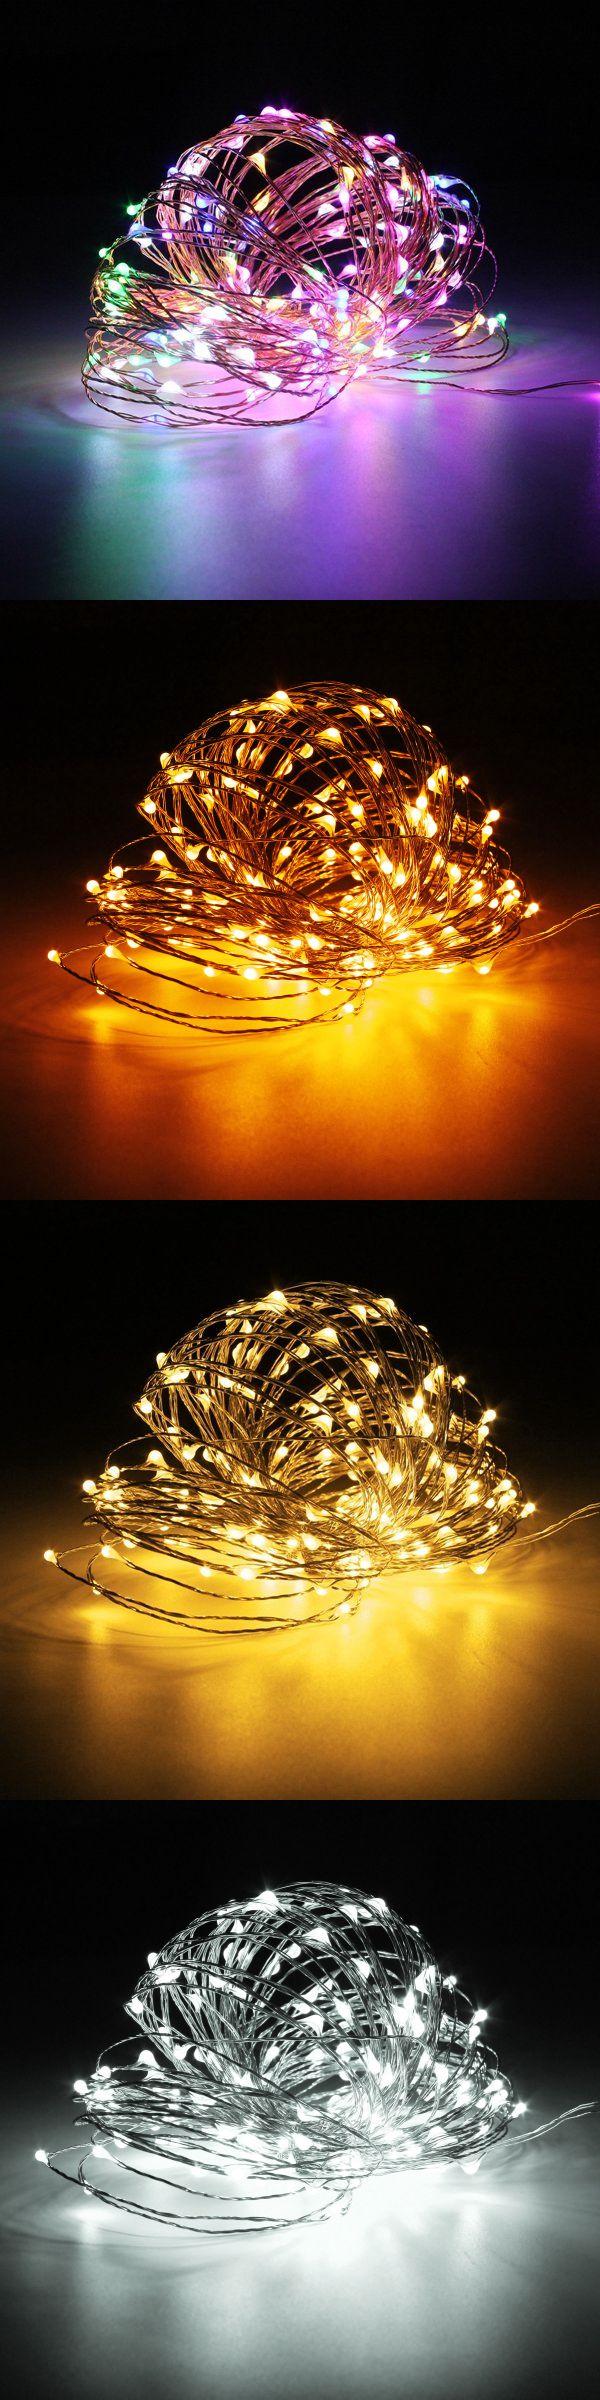 Best 25+ 12v outdoor lighting ideas on Pinterest | 12v garden ...